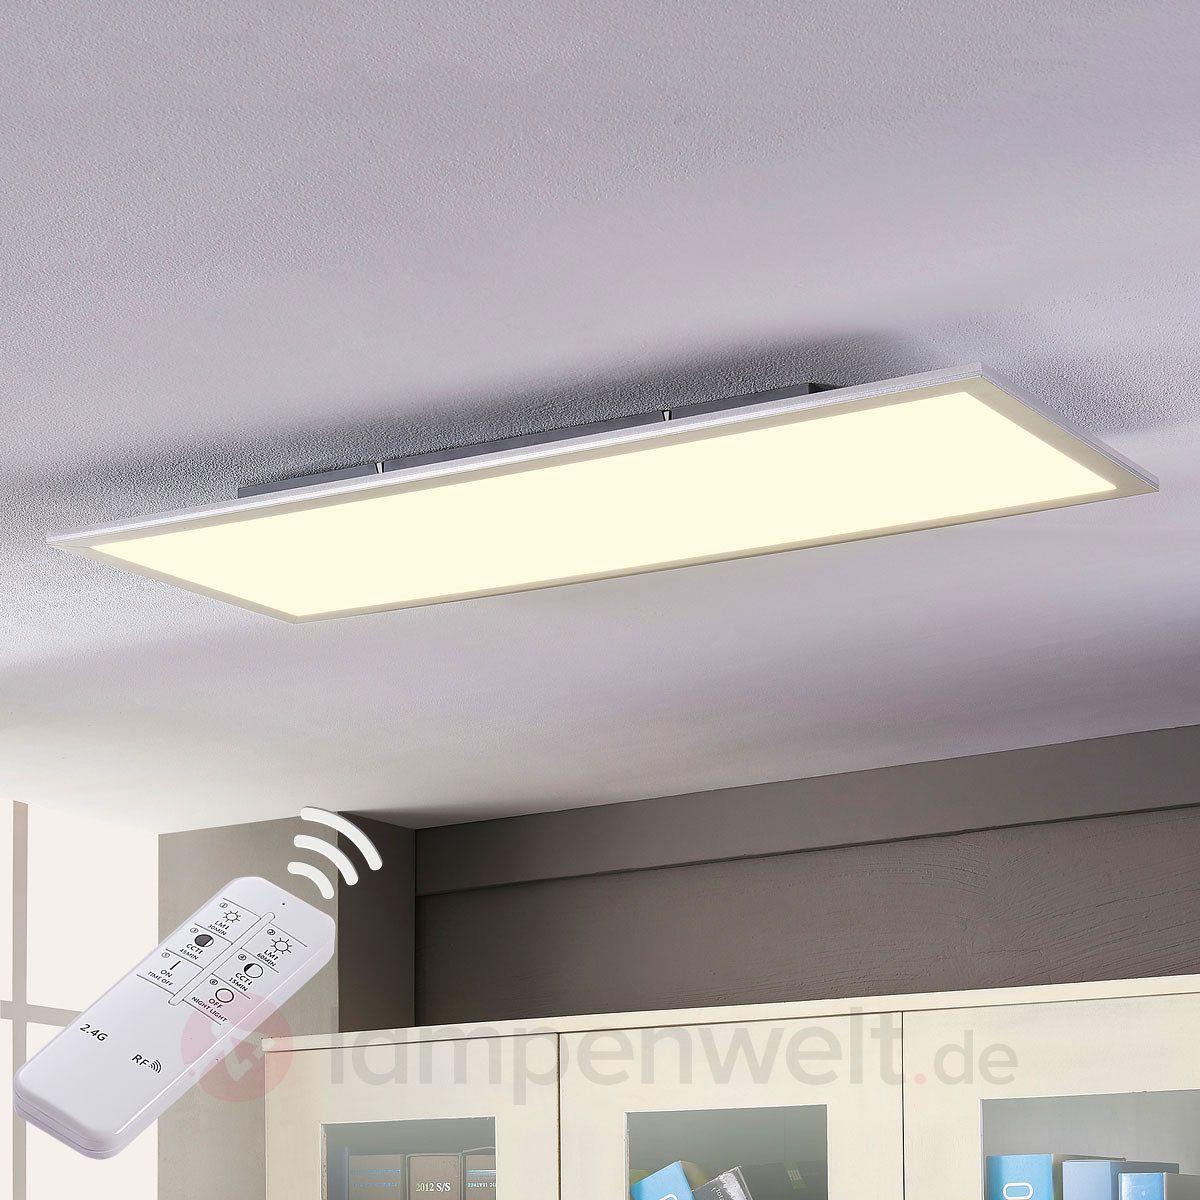 Praktisches LED-Panel Dalia, dimmbar sicher & bequem online bestellen bei Lampenwelt.de.